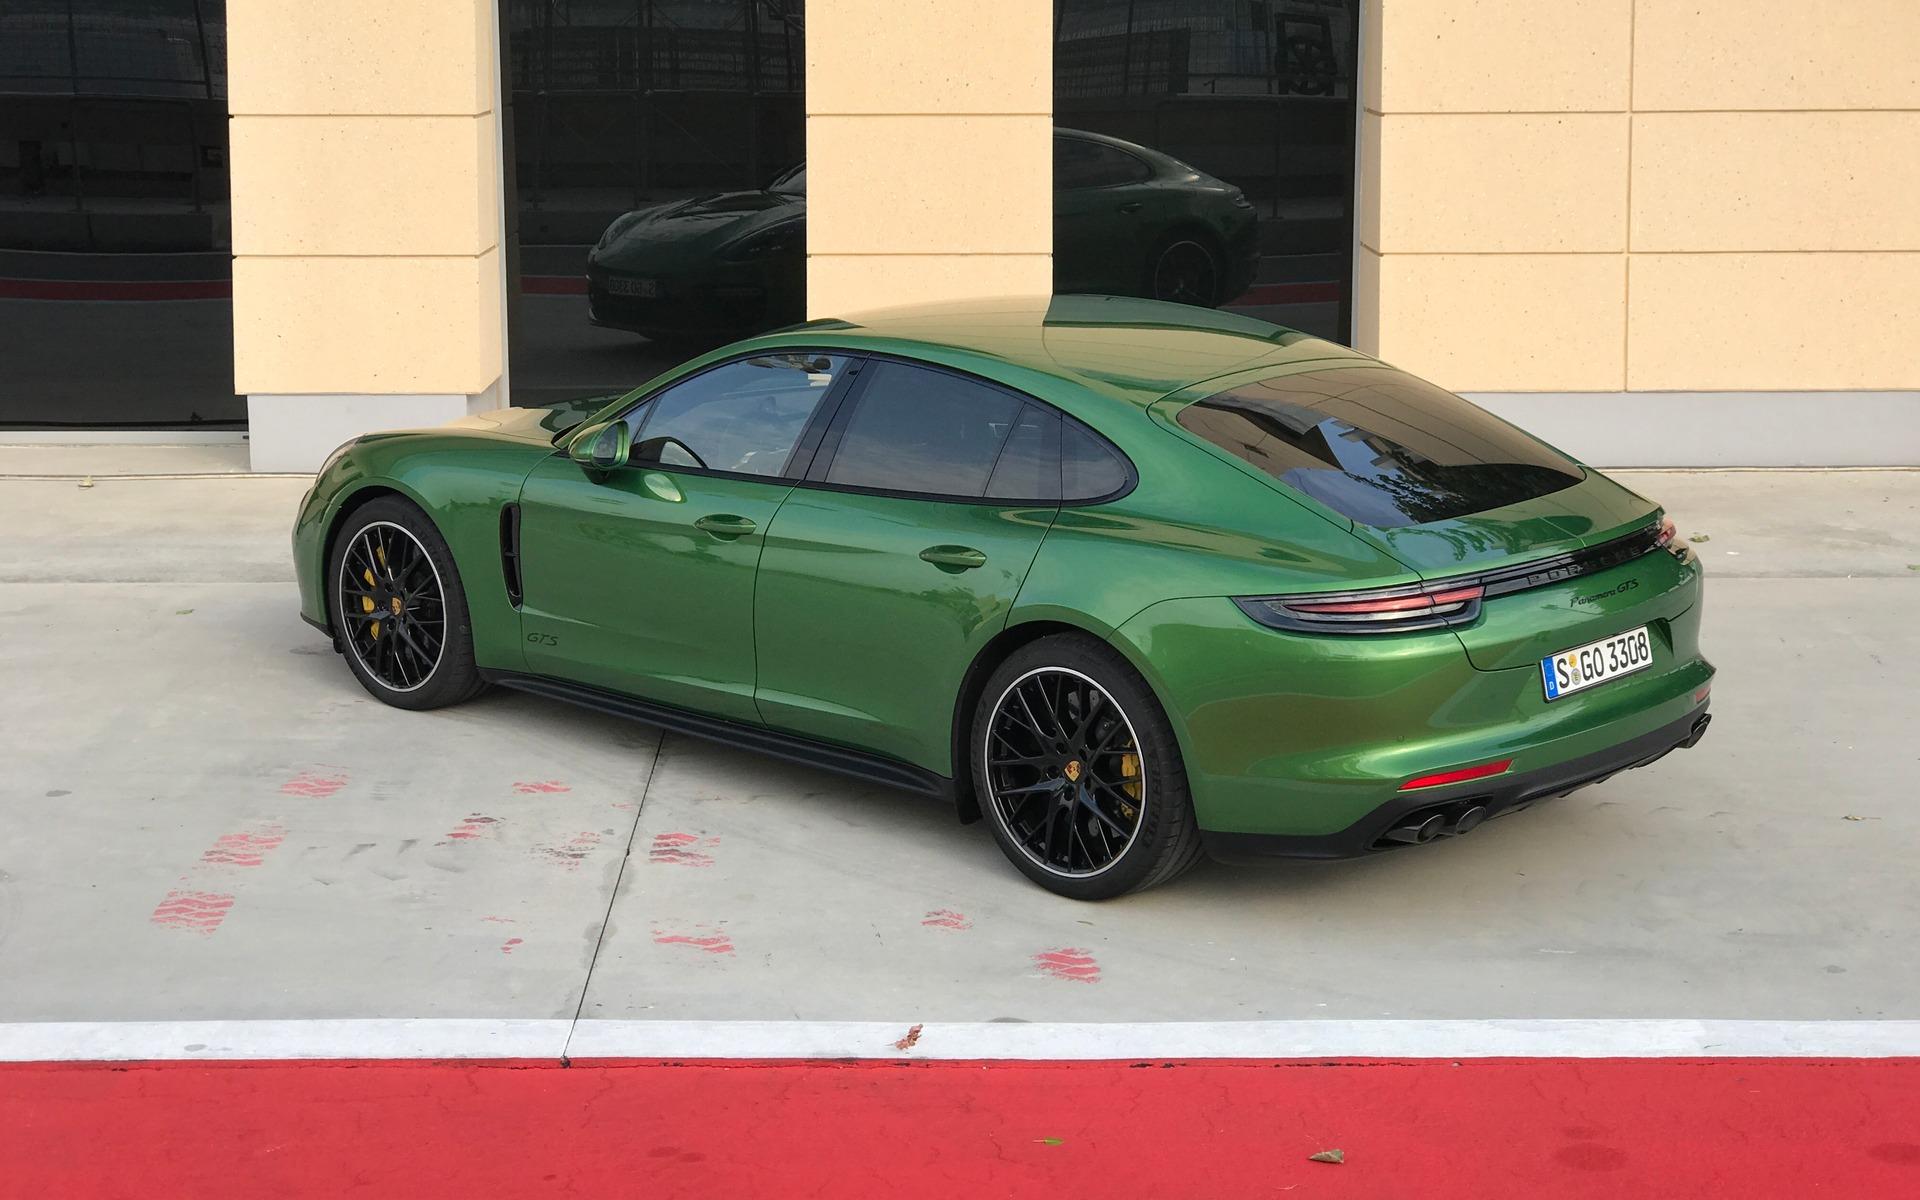 Porsche Panamera GTS 2019 : l'ADN d'une sportive, le luxe en prime 353516_2019_Porsche_Panamera